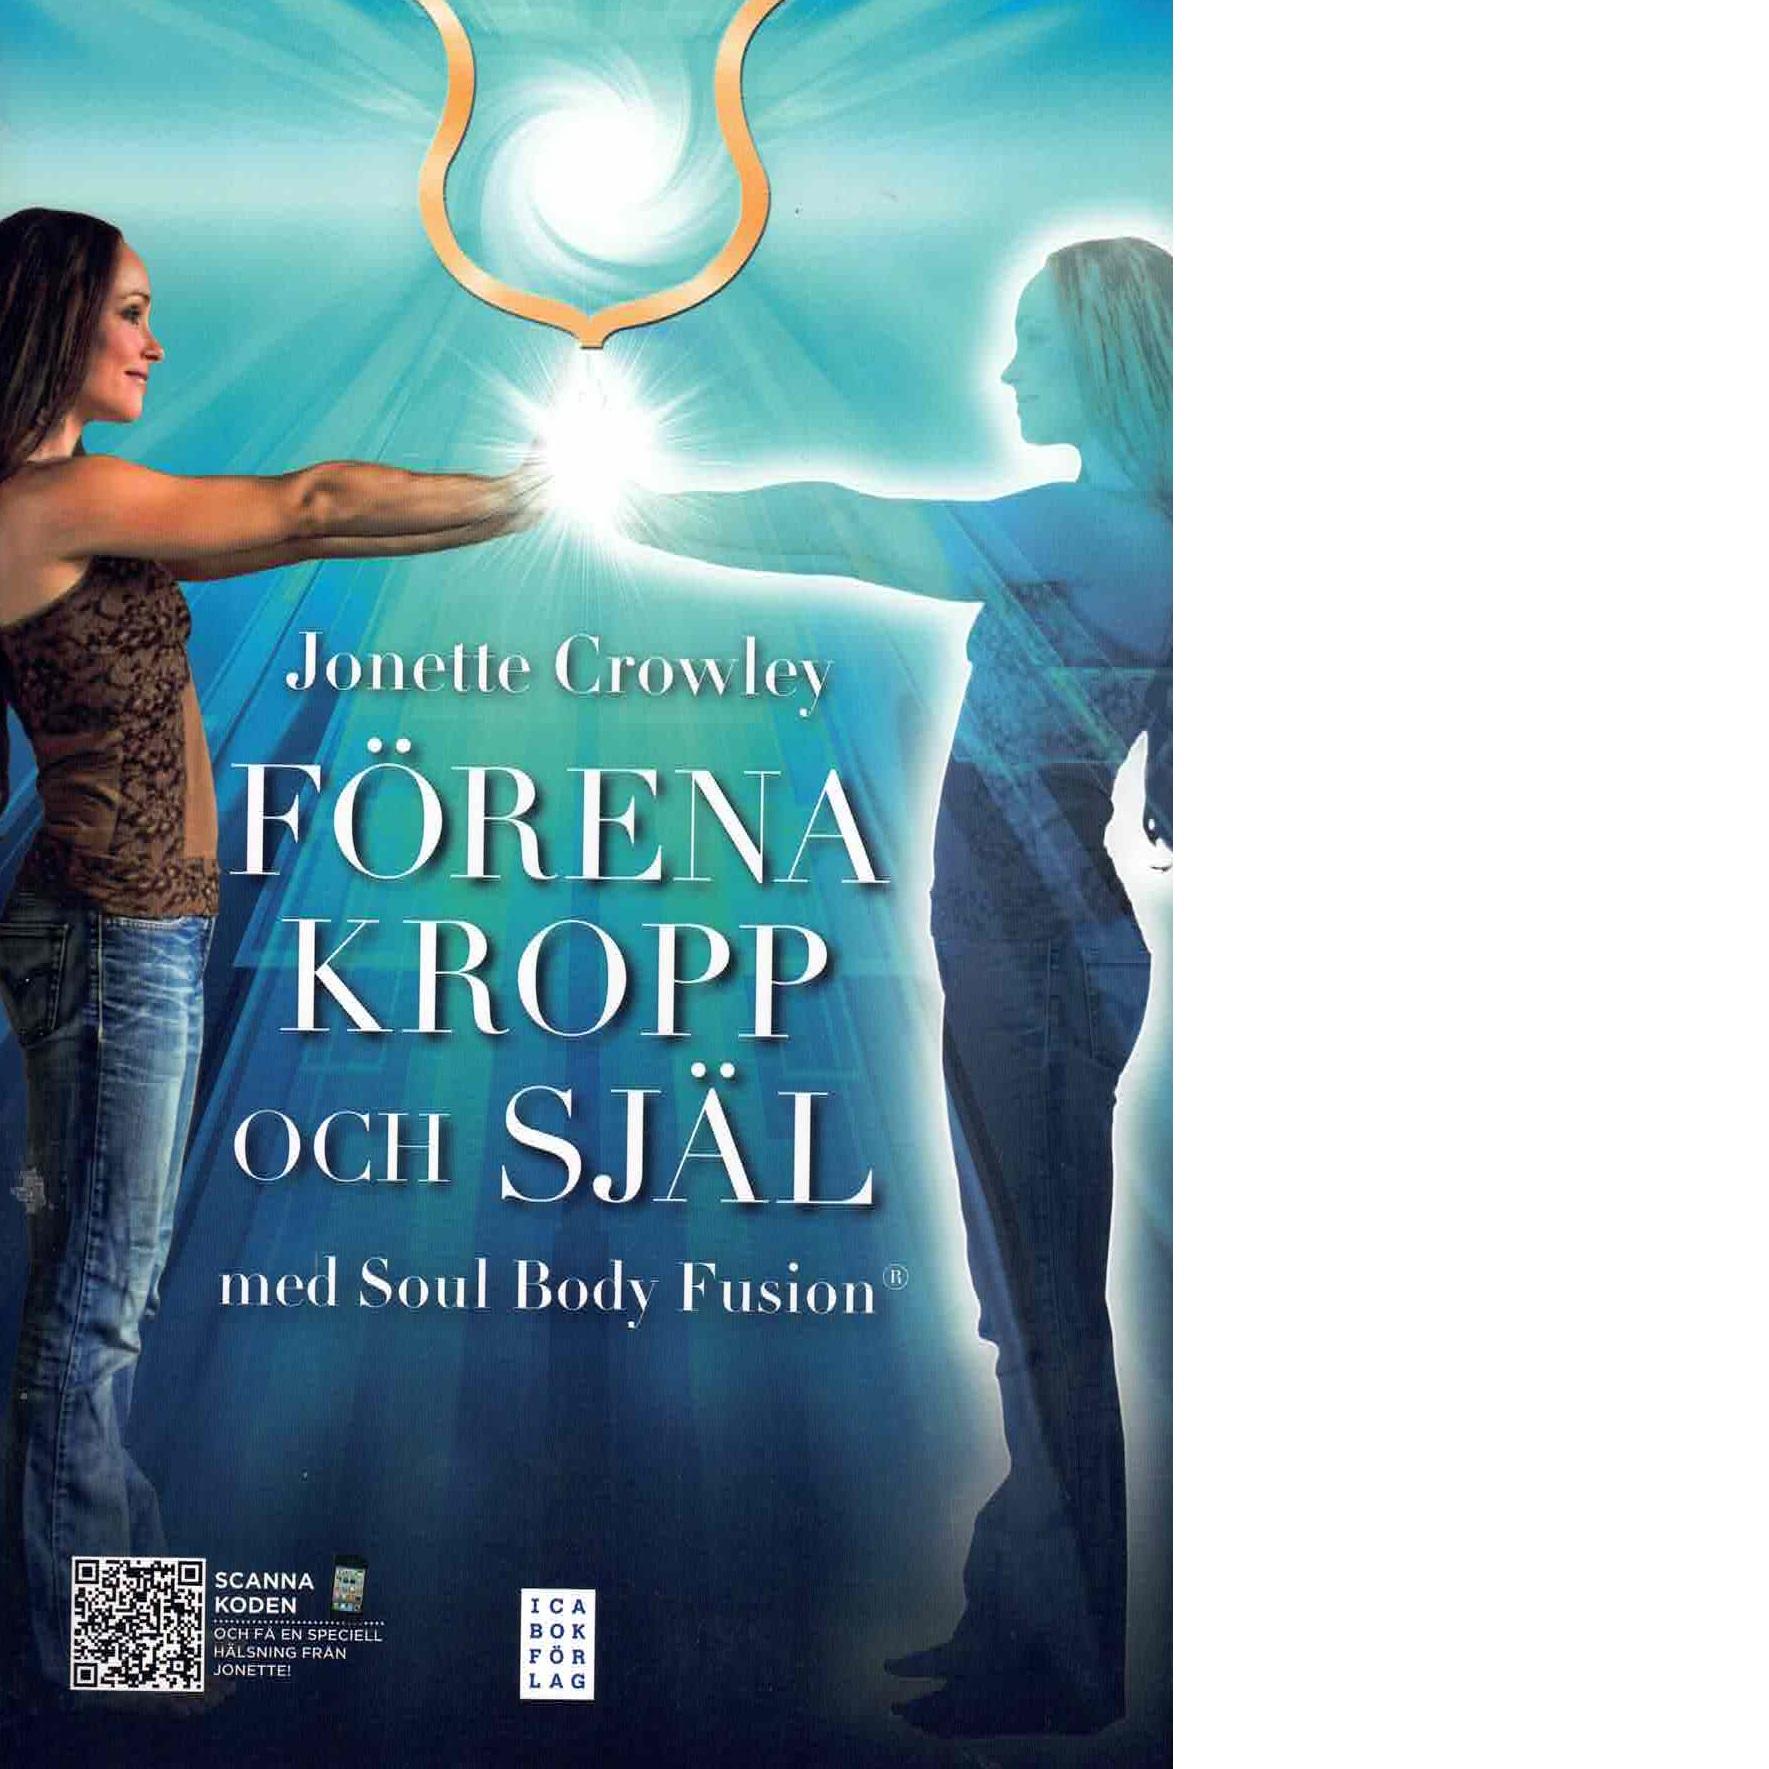 Förena kropp och själ med Soul Body Fusion - Crowley, Jonette